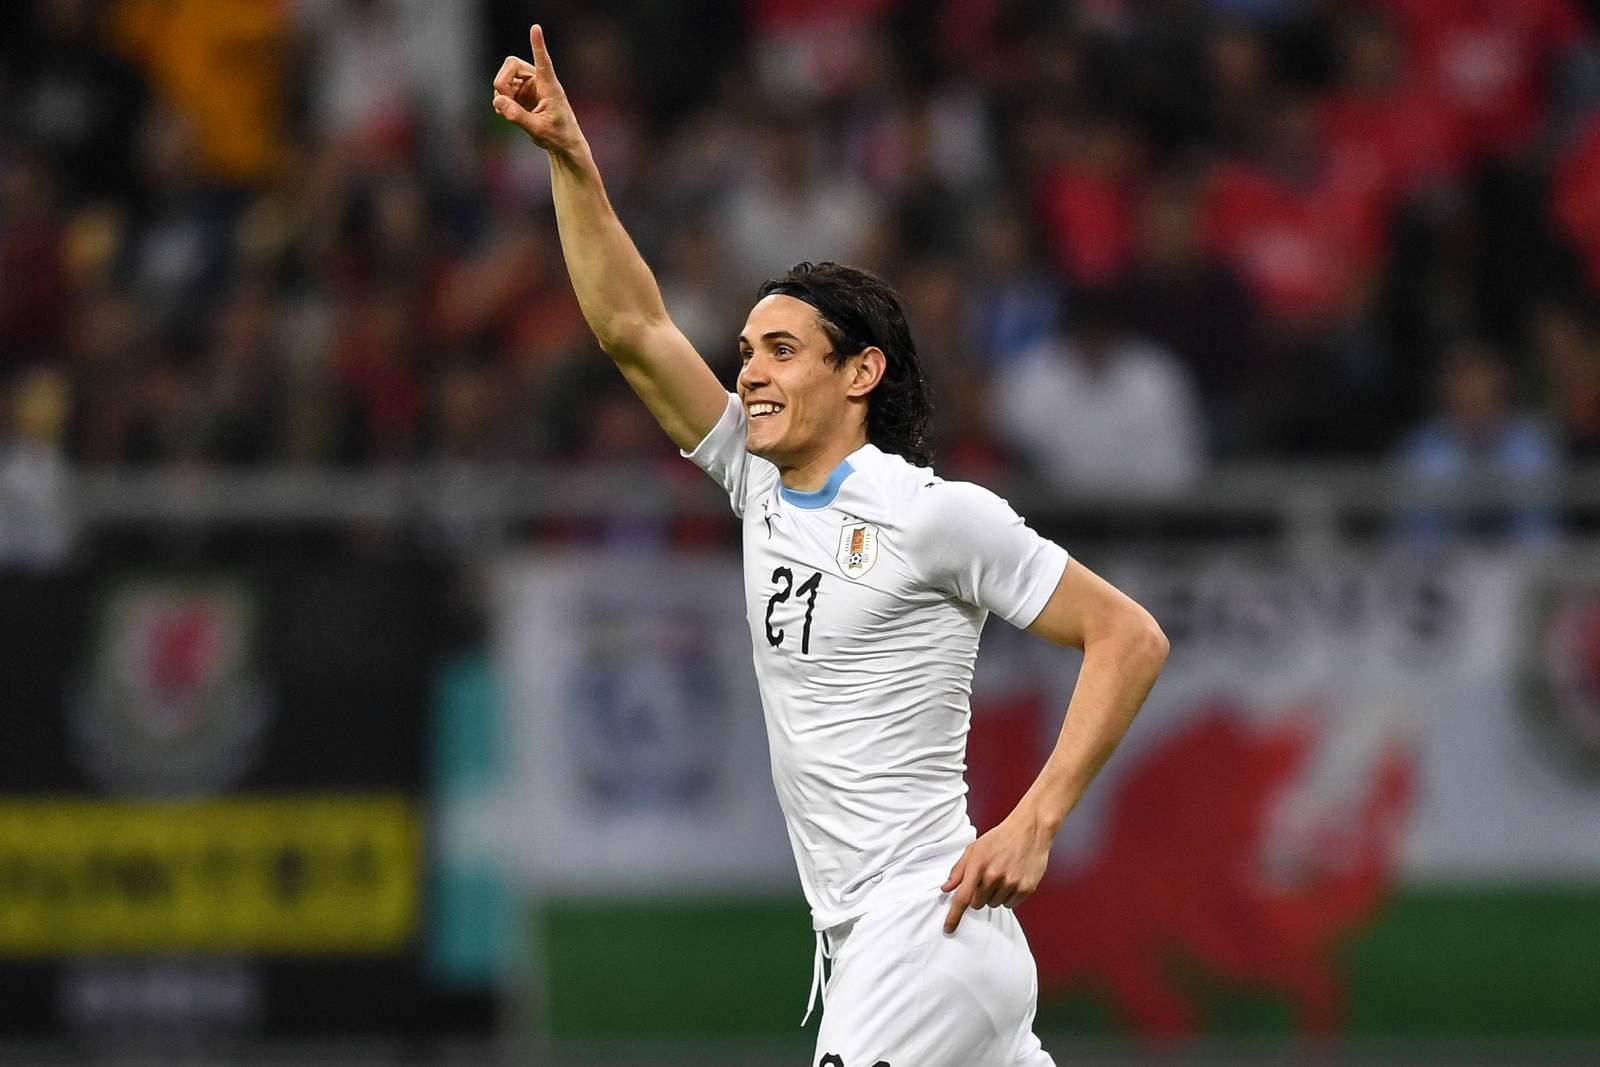 Uruguay um Angreifer Edinson Cavani zählt bei der WM zu den Mitfavoriten. Jetzt auf Ägypten gegen Uruguay setzen.